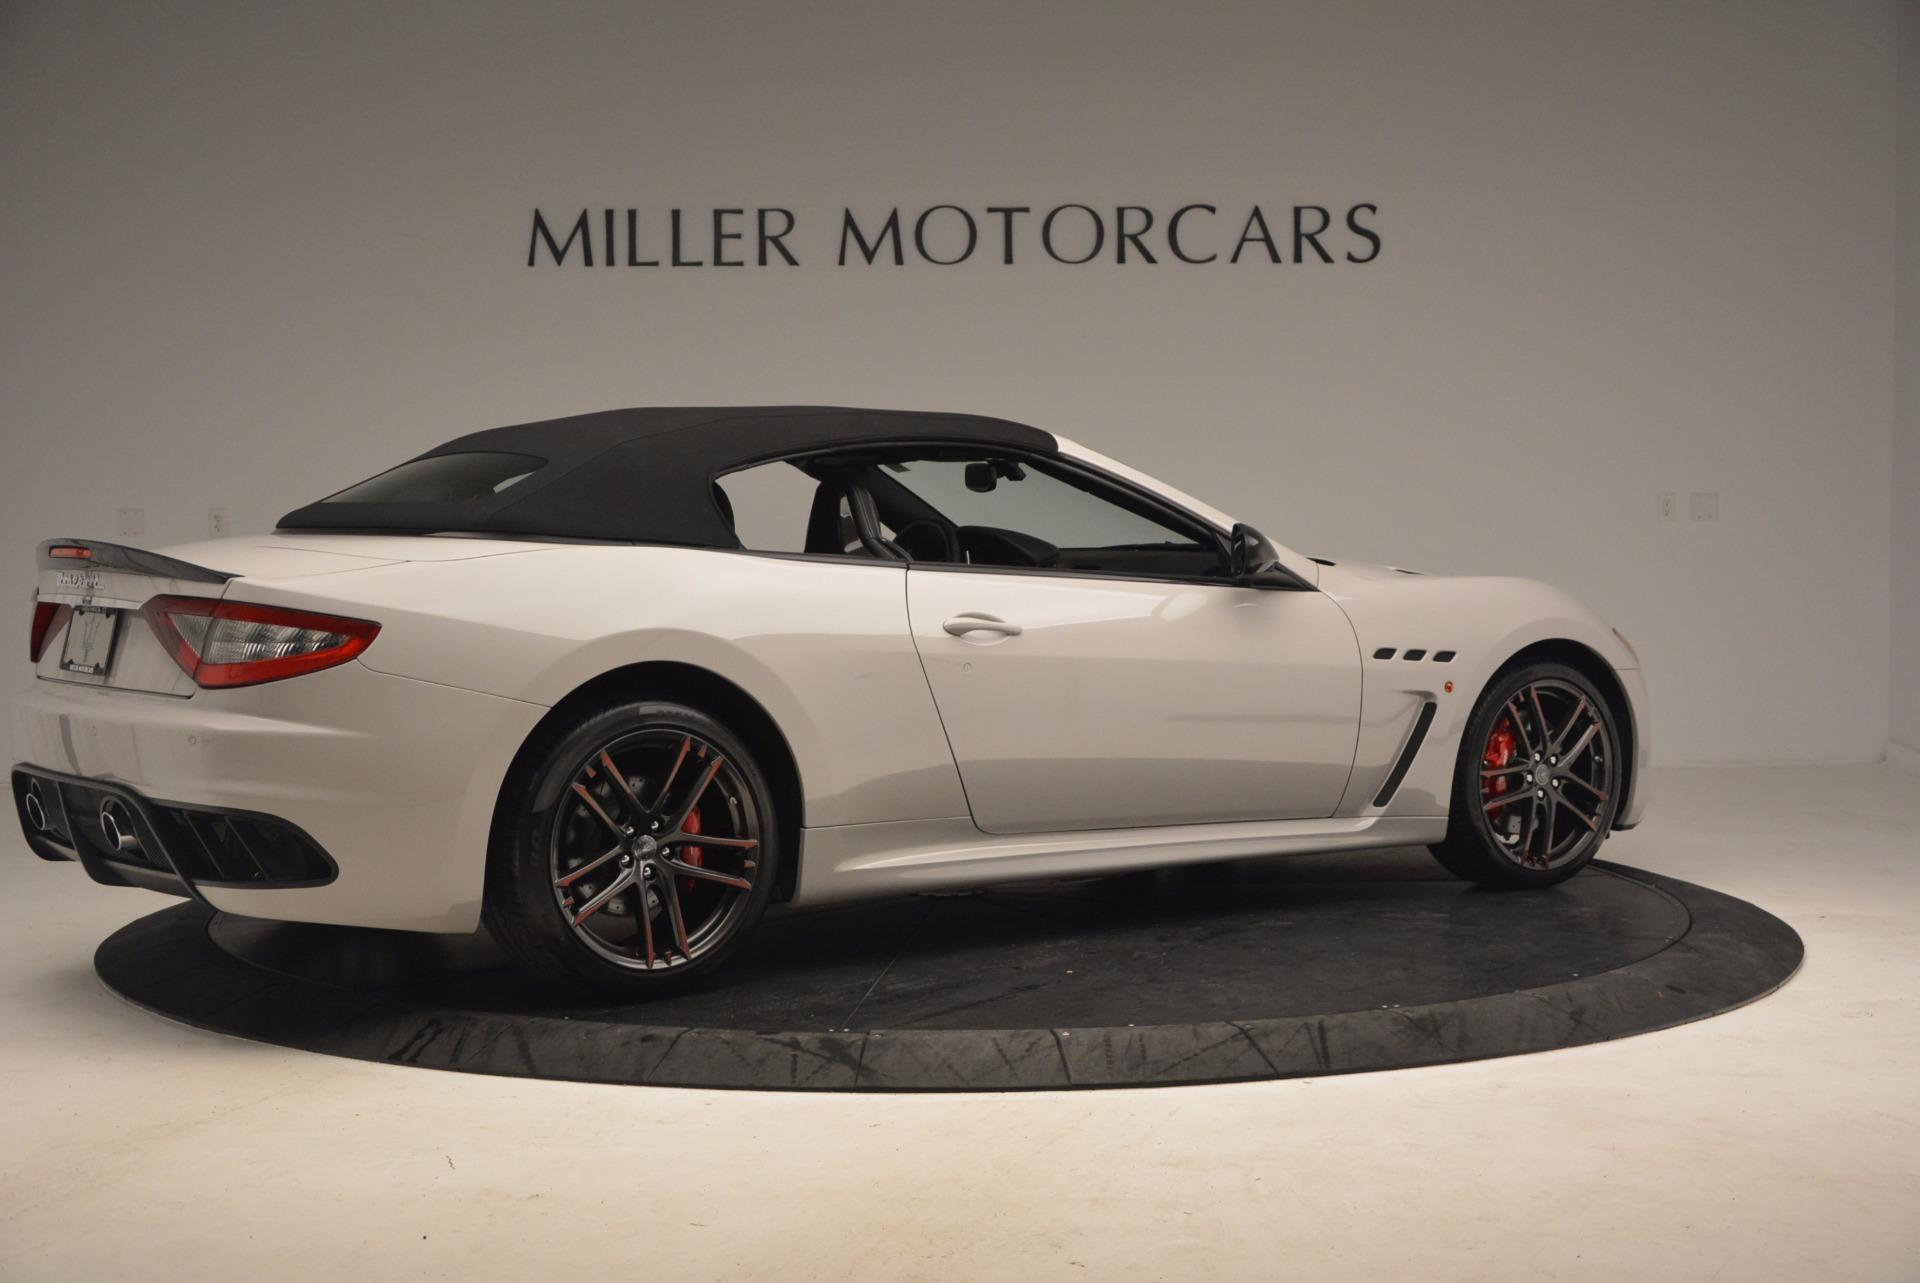 Used 2015 Maserati GranTurismo MC Centennial For Sale In Greenwich, CT. Alfa Romeo of Greenwich, 7187 1107_p20